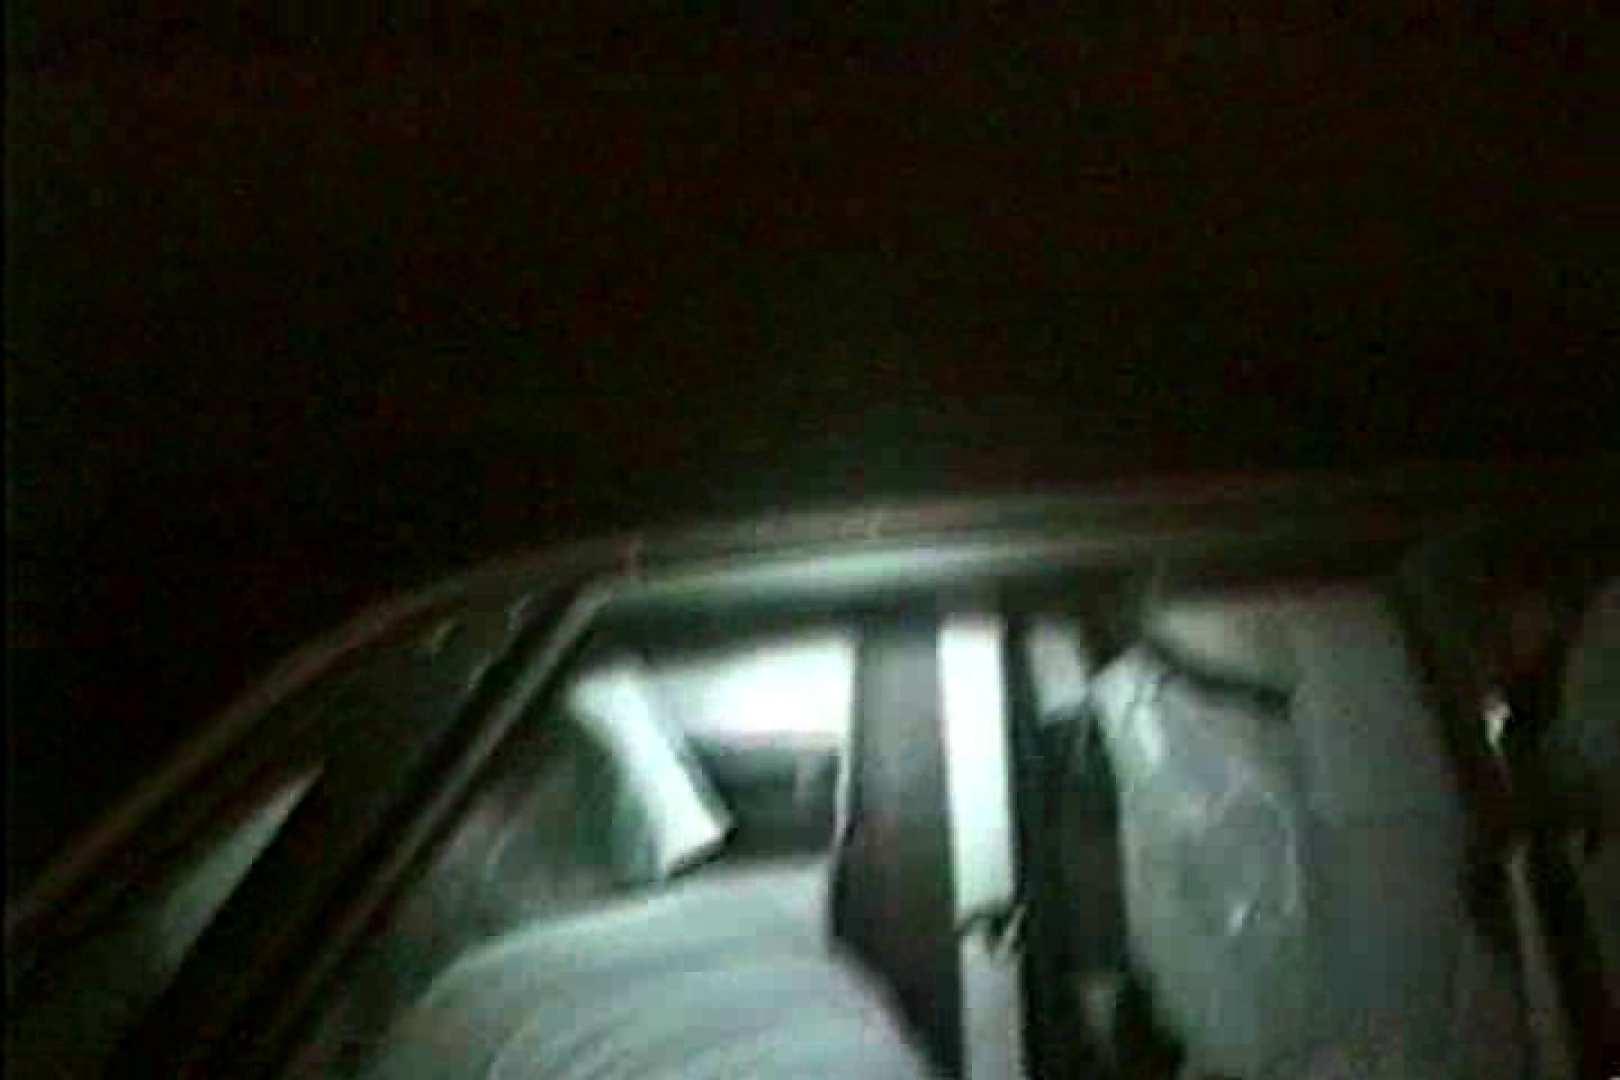 車の中はラブホテル 無修正版  Vol.6 ホテル AV無料動画キャプチャ 31連発 5